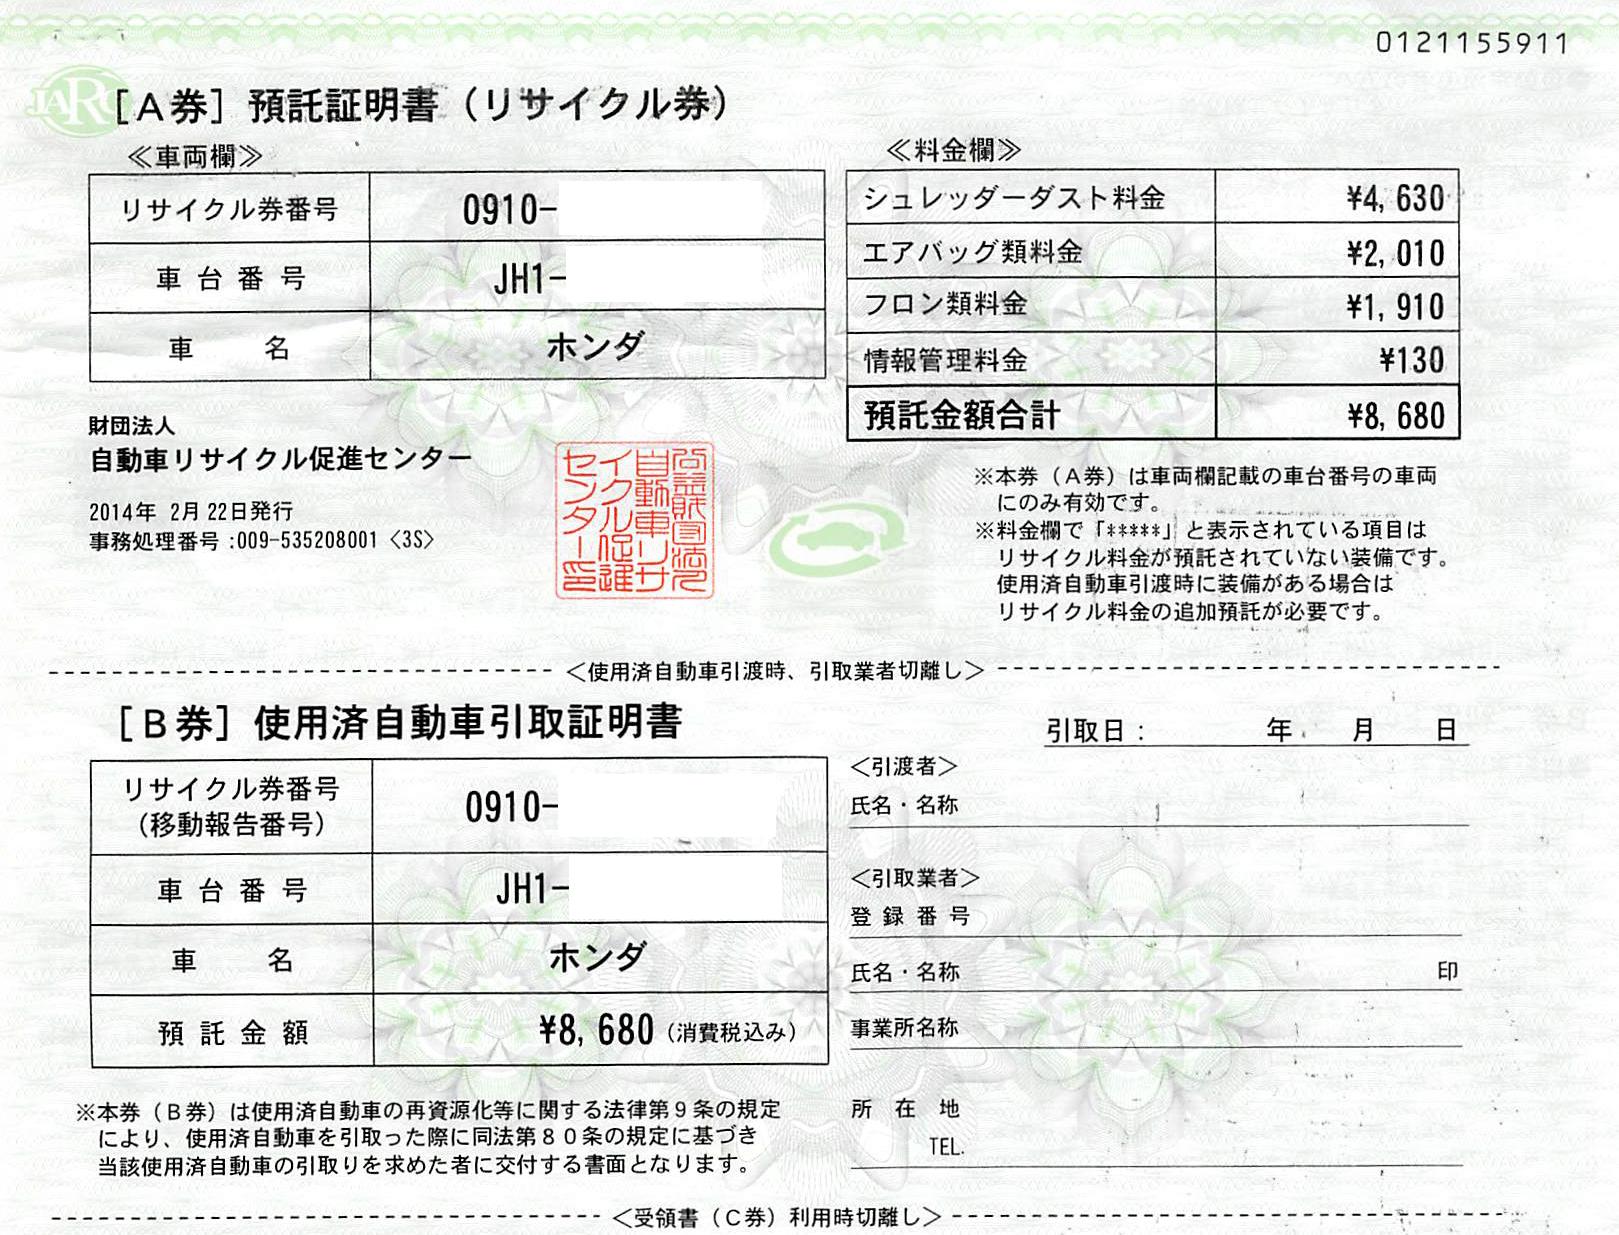 軽自動車の廃車手続きに必要な書類5.リサイクル券(A,B券)